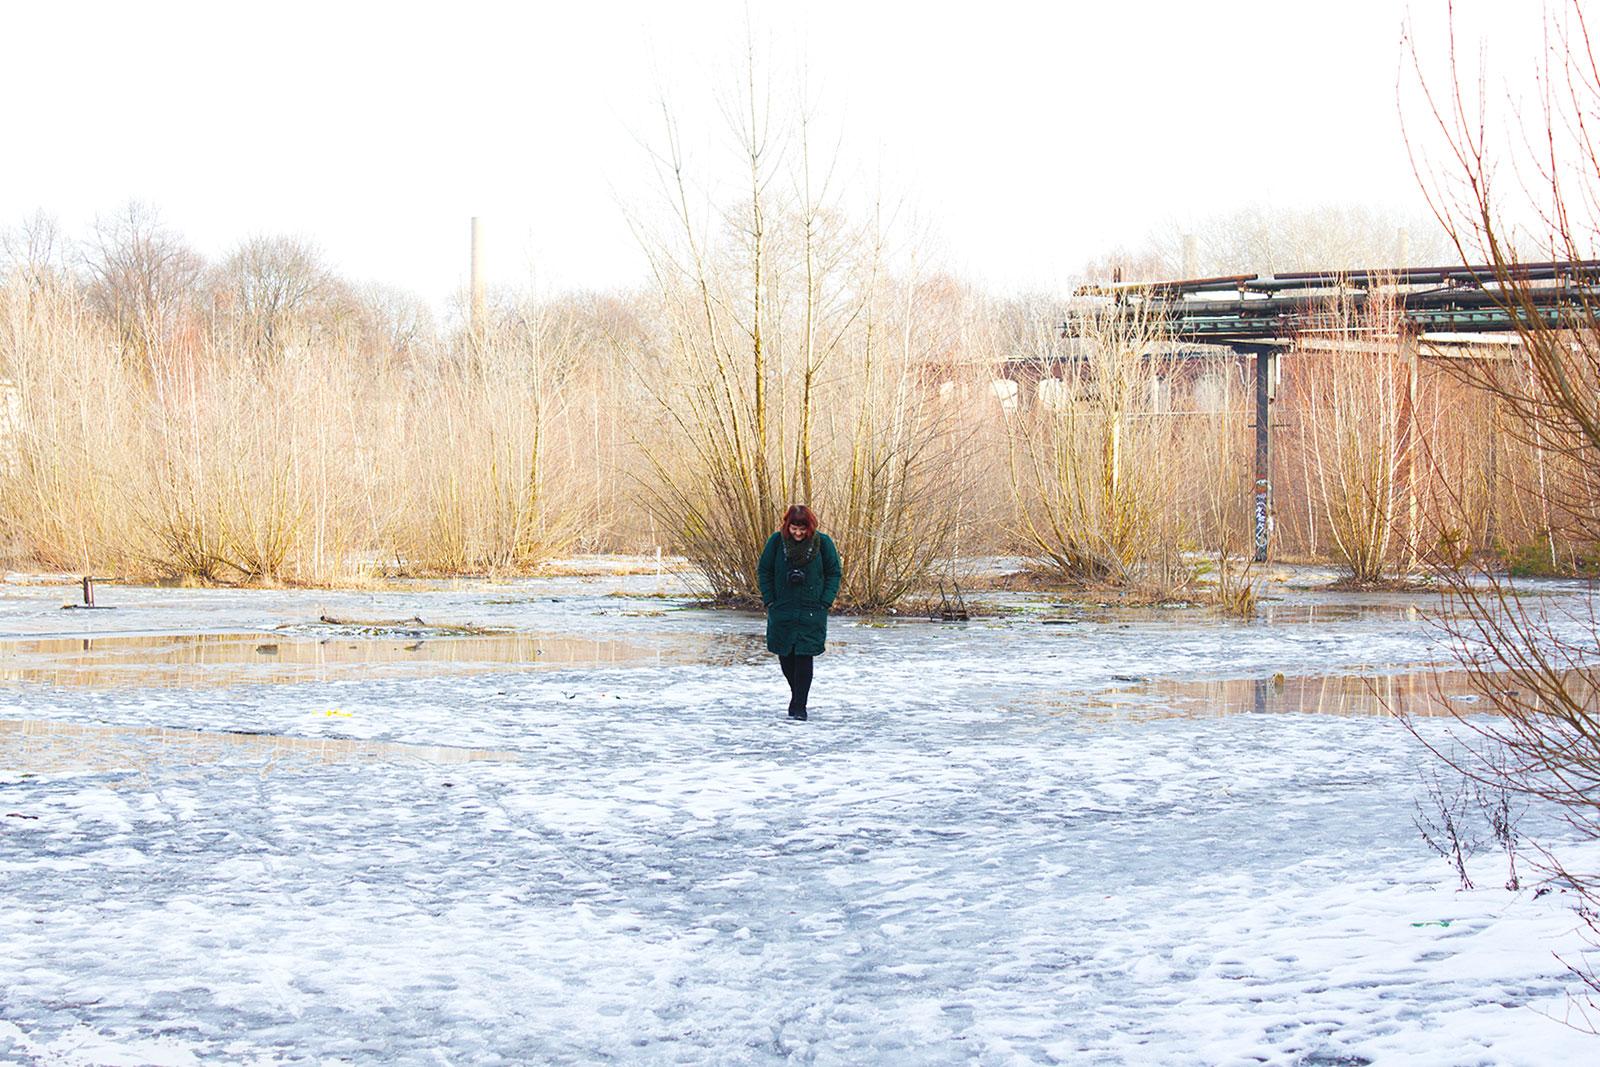 Merel Abandoned Berlijn